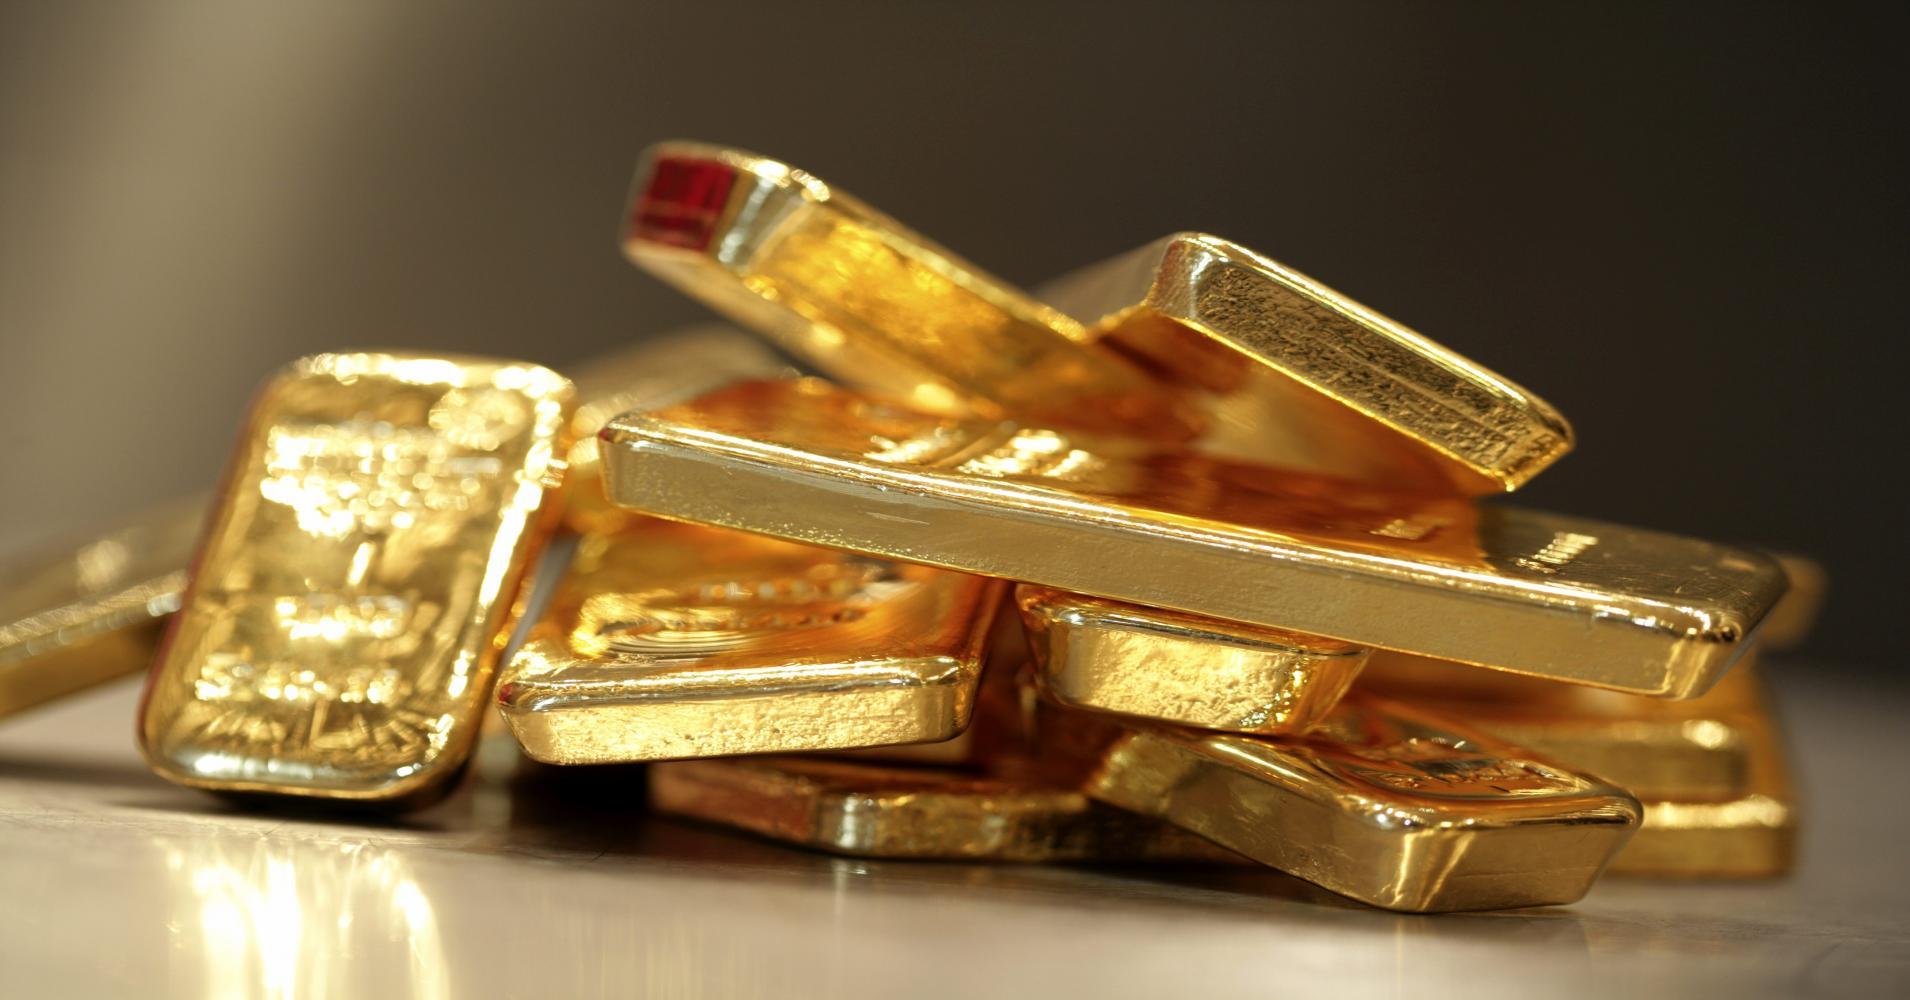 هبوط أسعار الذهب مع ارتفاع الأسهم الآسيوية